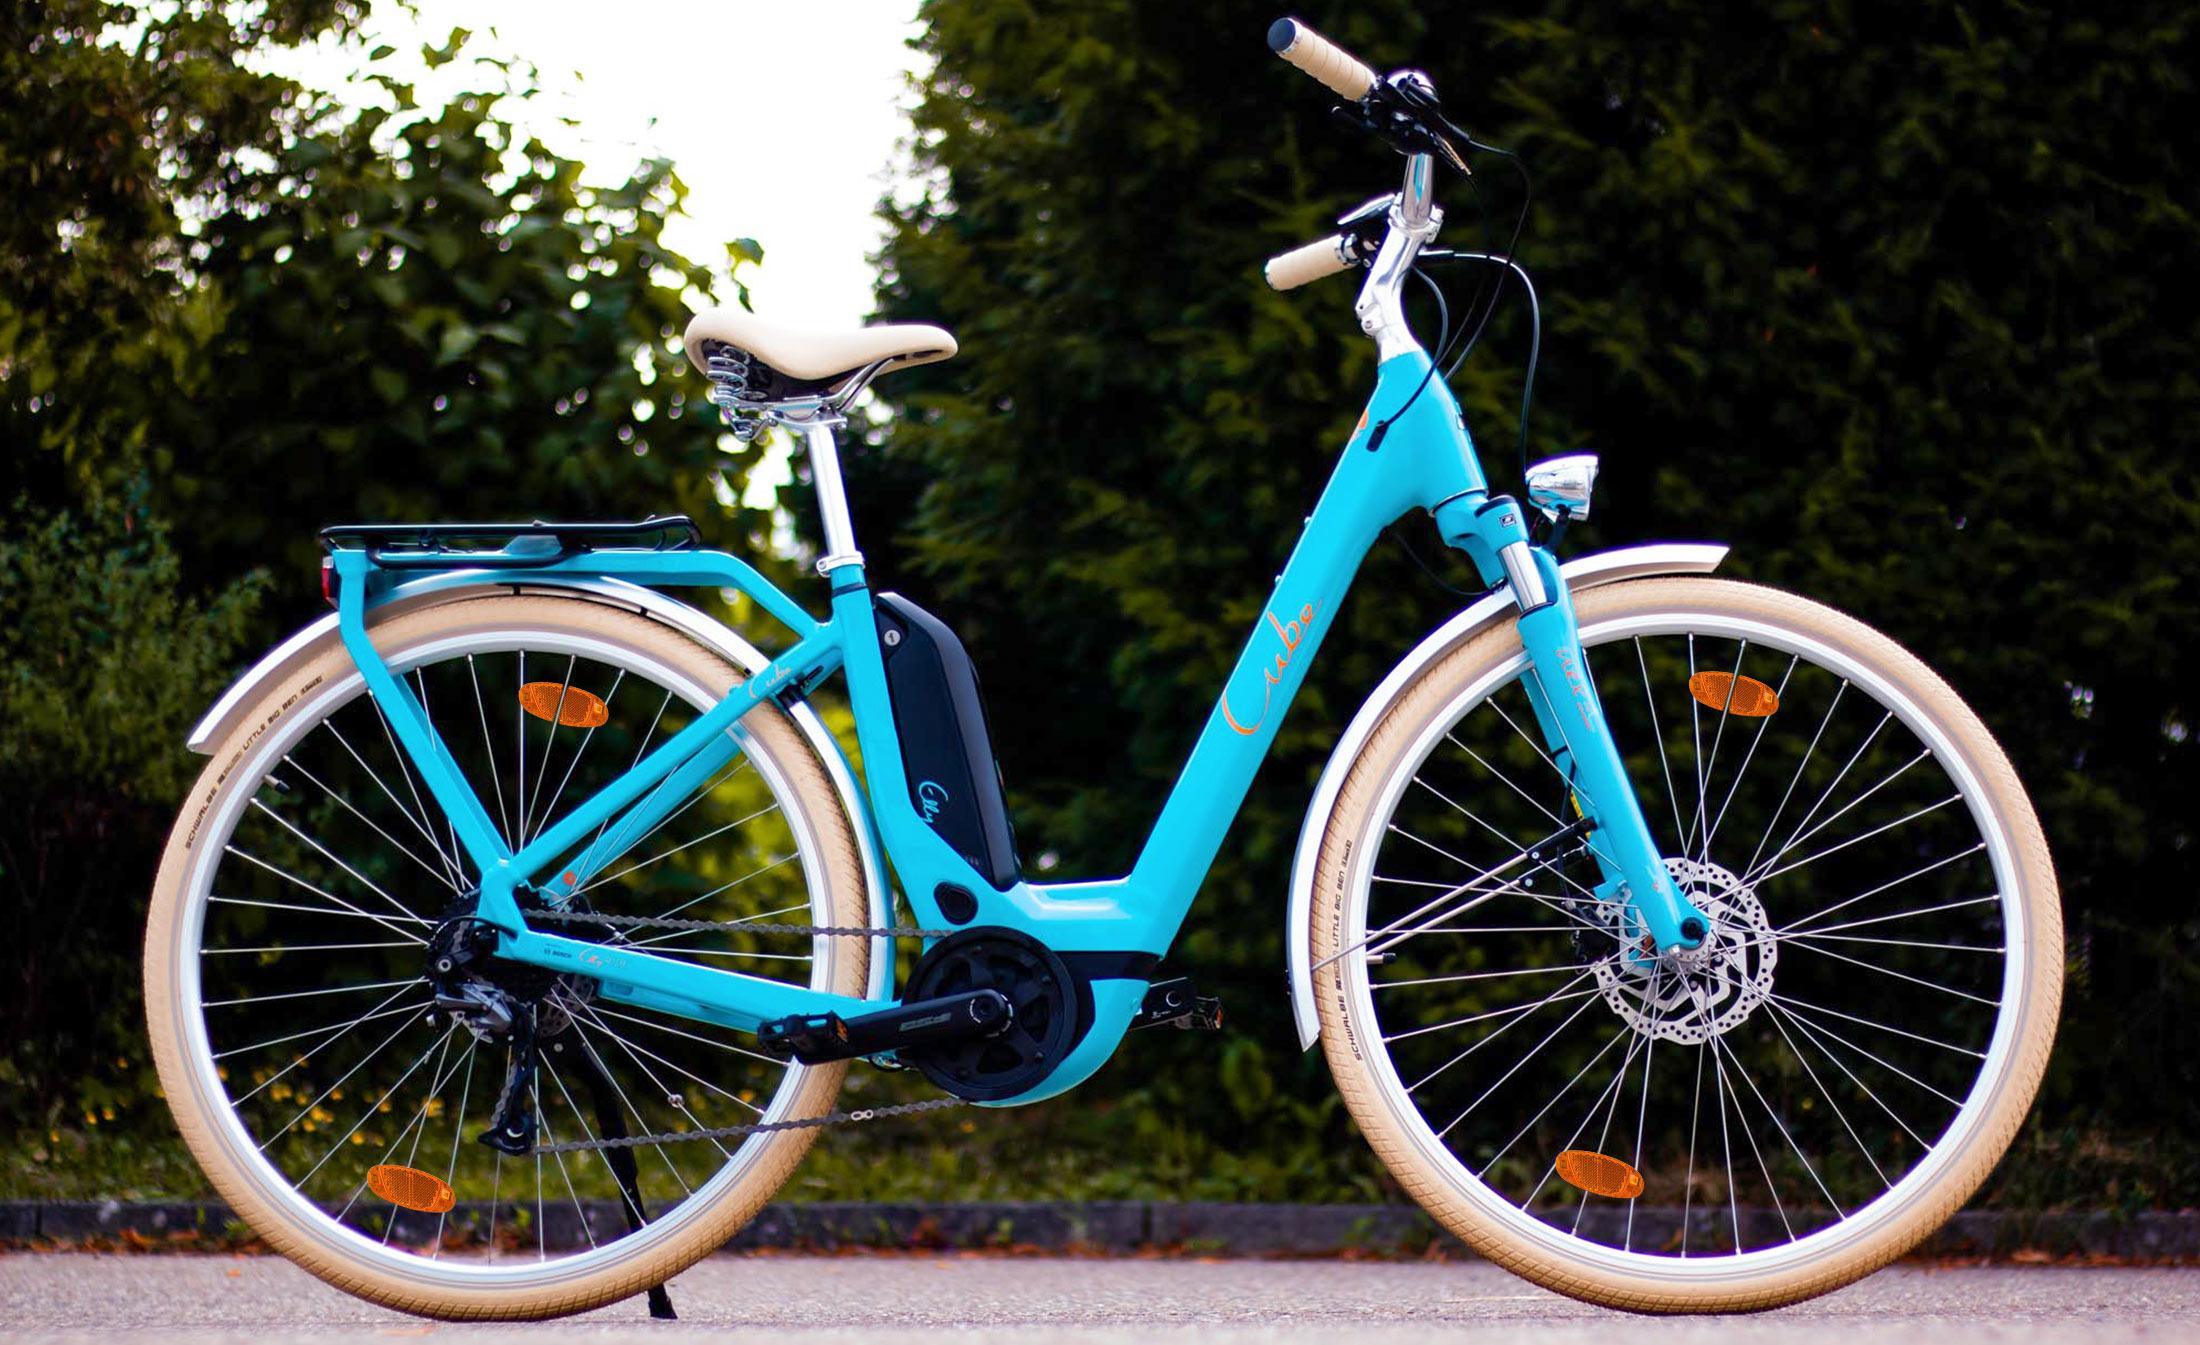 mhw magazin citybike beleuchtung bike - Welche Beleuchtung für mein Bike?